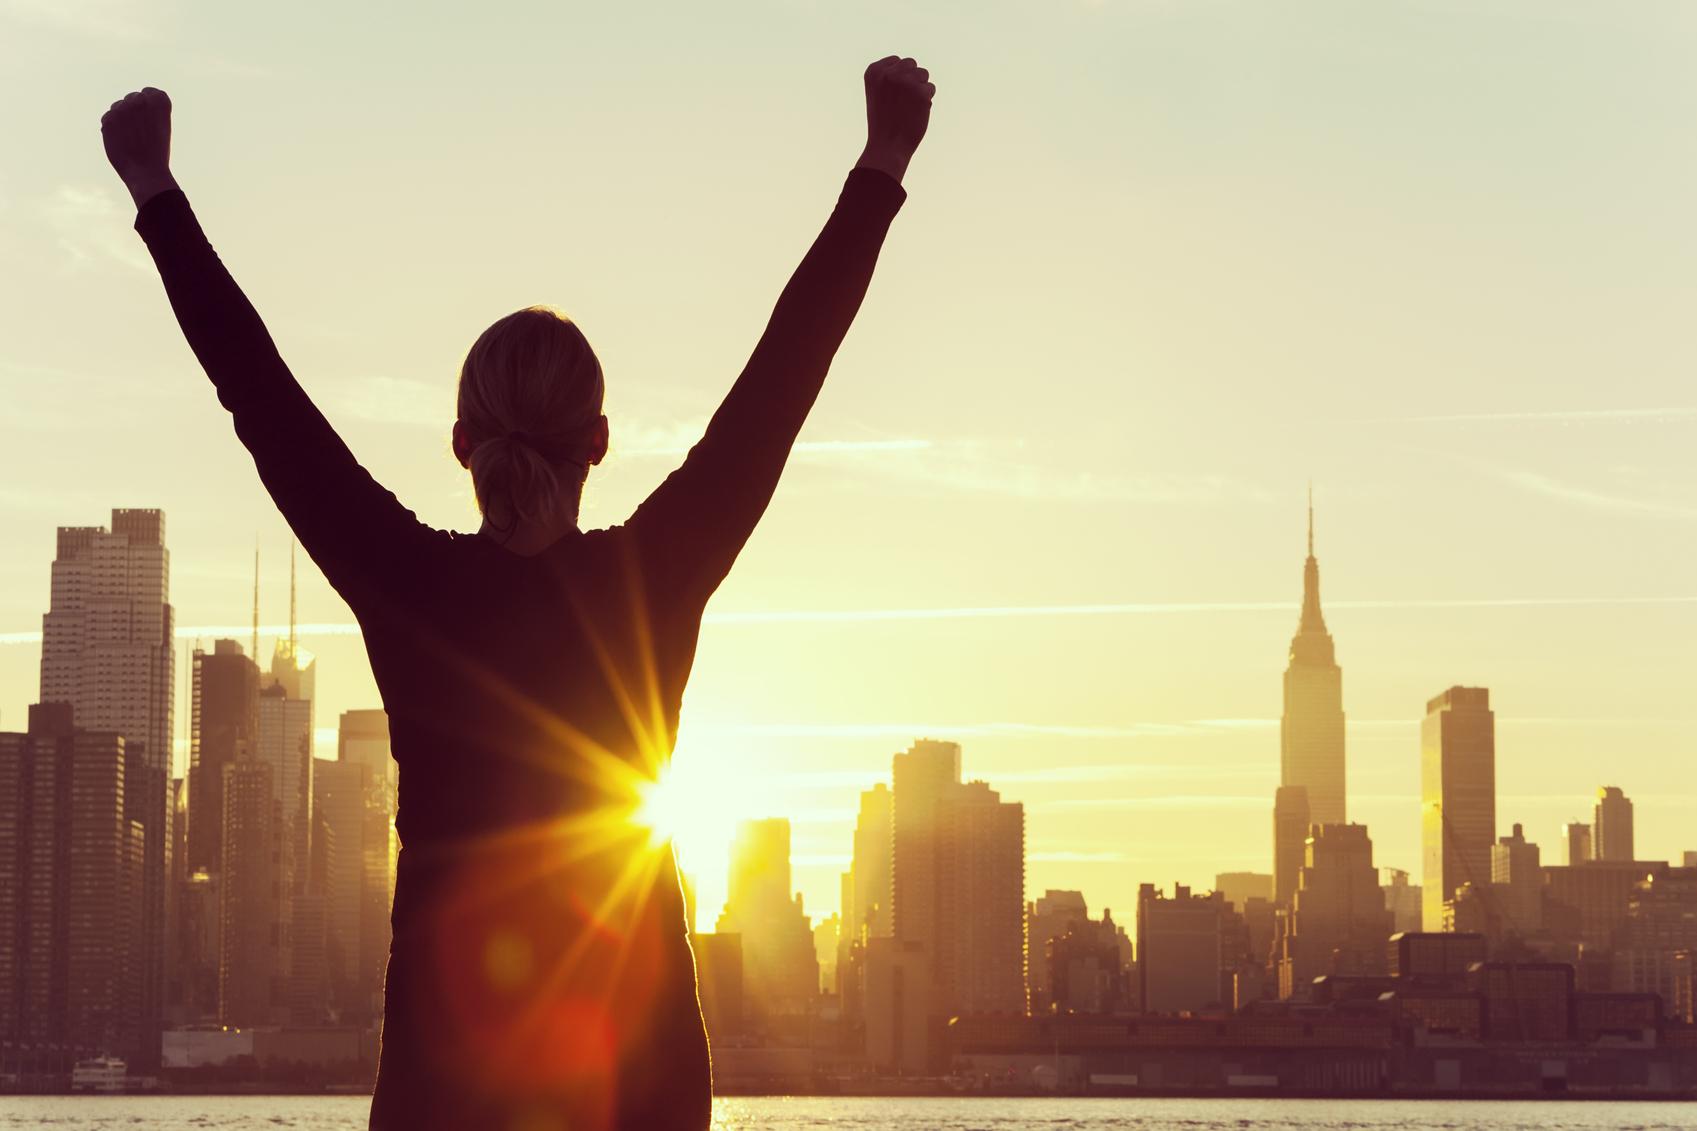 el éxito es ilimitado